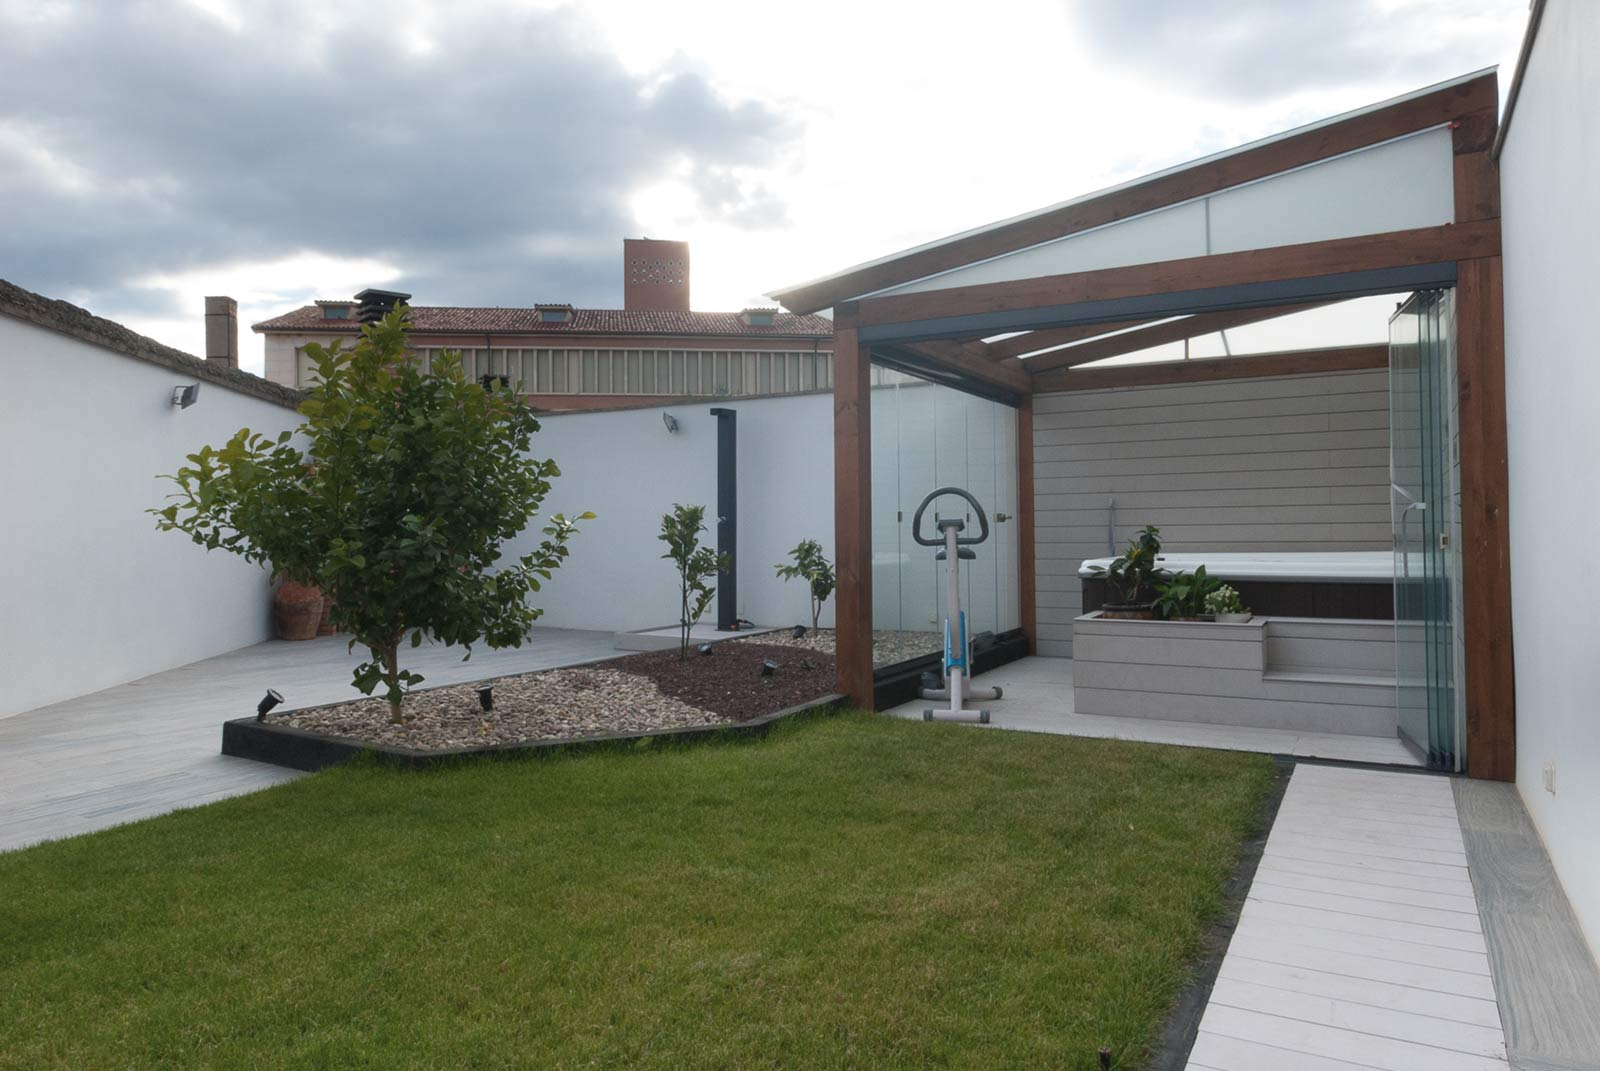 Jard n con porche y jacuzzi proyectos echarri for Jacuzzi jardin segunda mano exterior